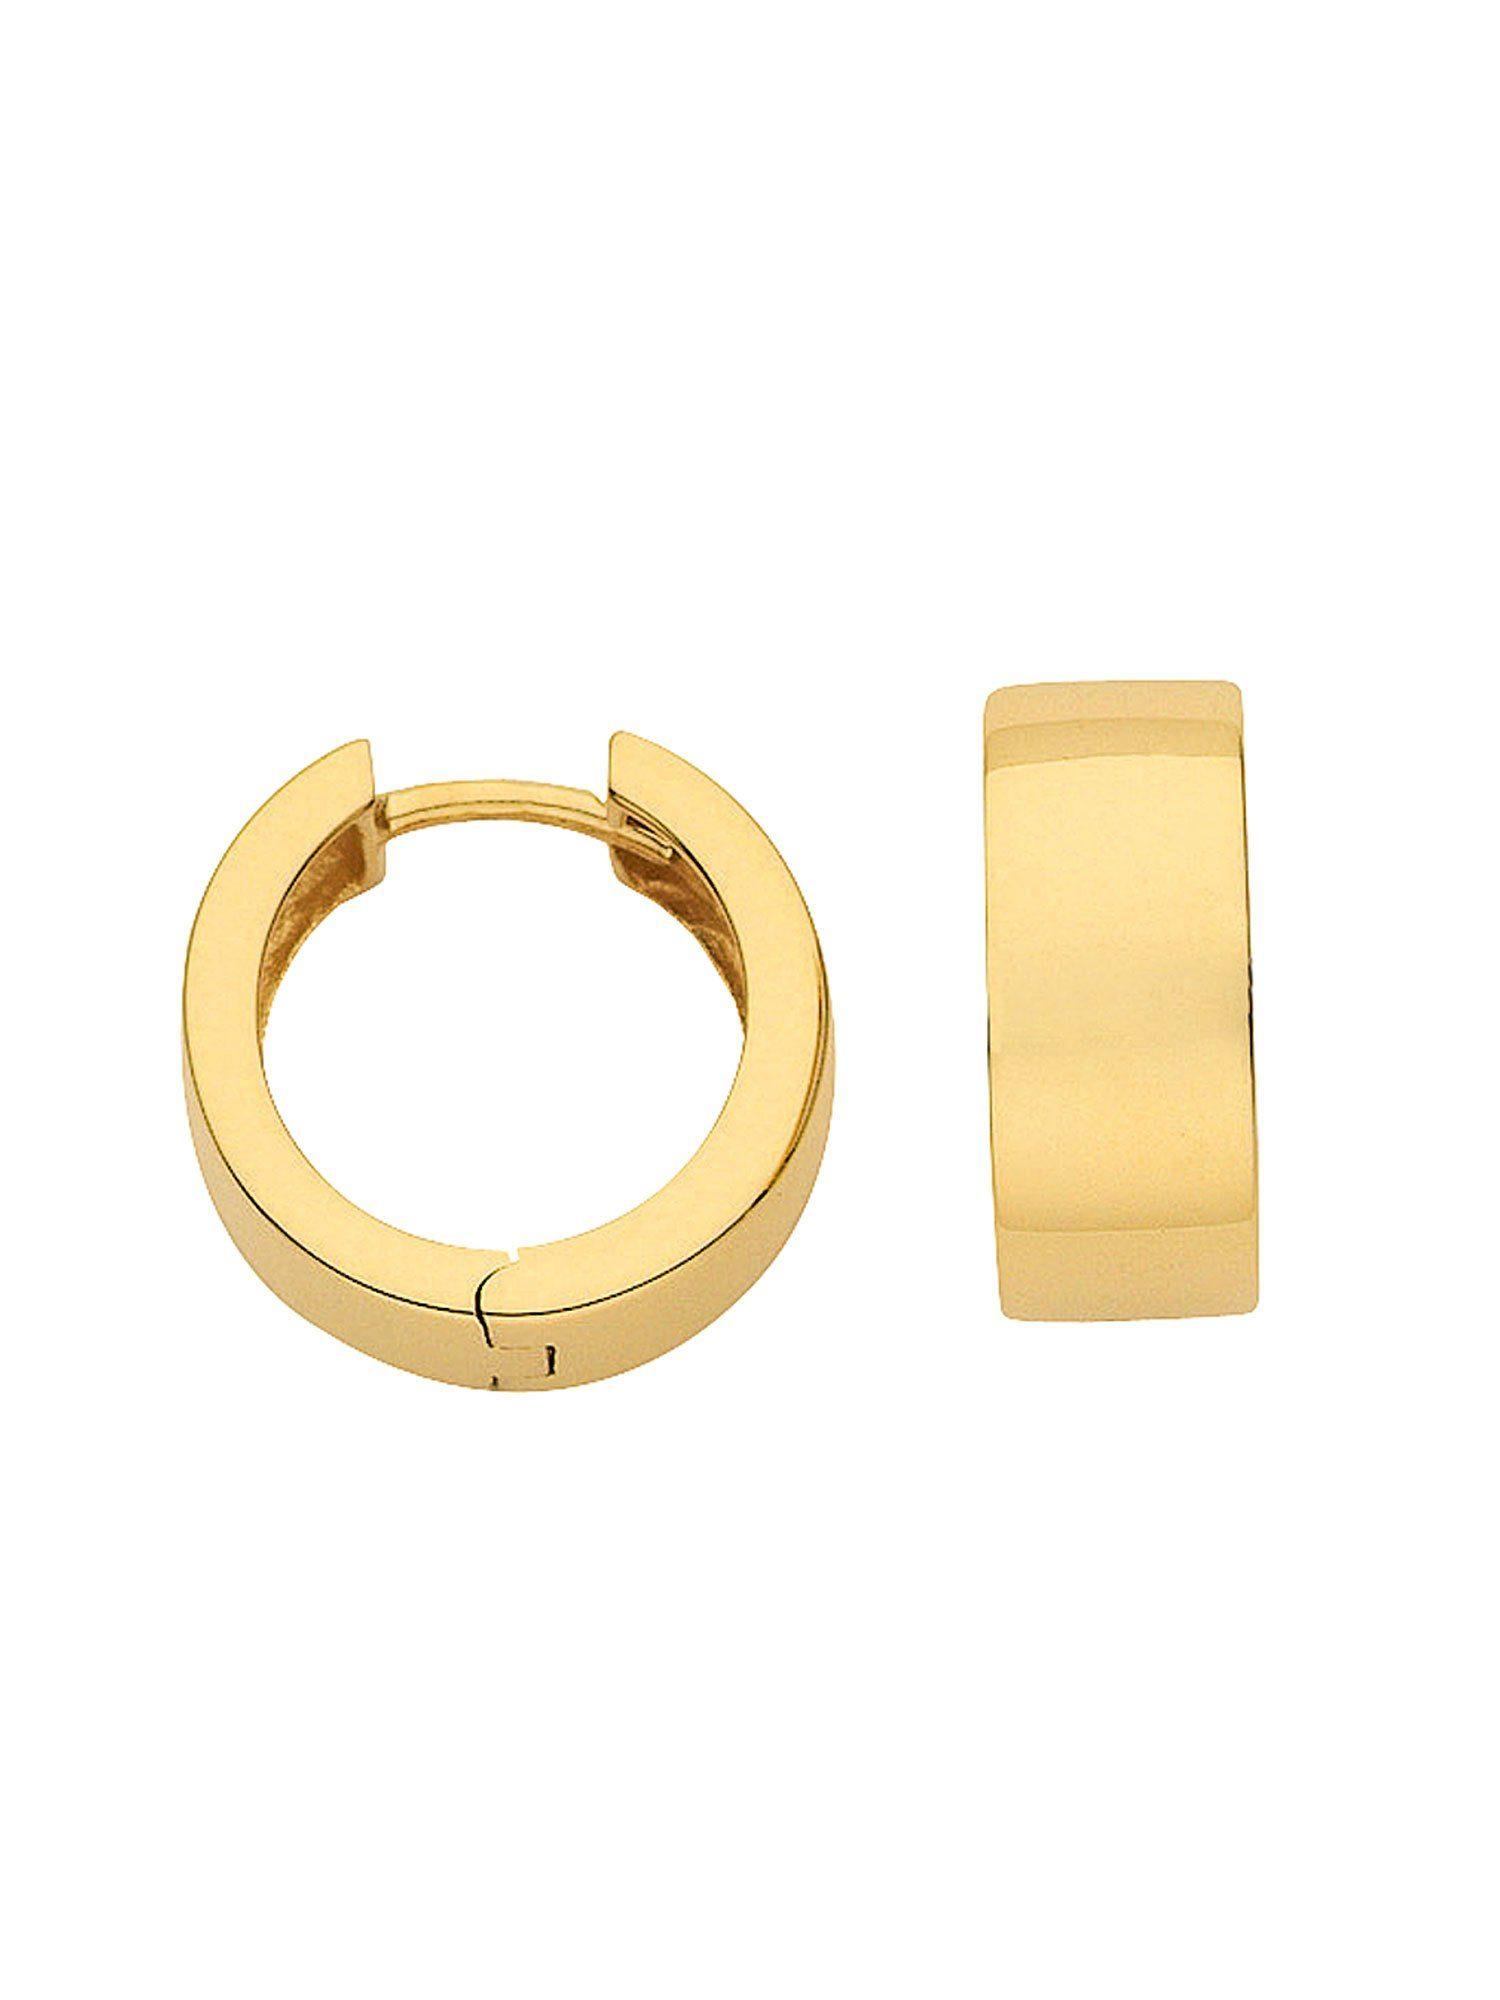 333 Gelbgold Ohrstecker 1 Paar 7,3 mm Größe mit 12 Zirkonia 14 Karat